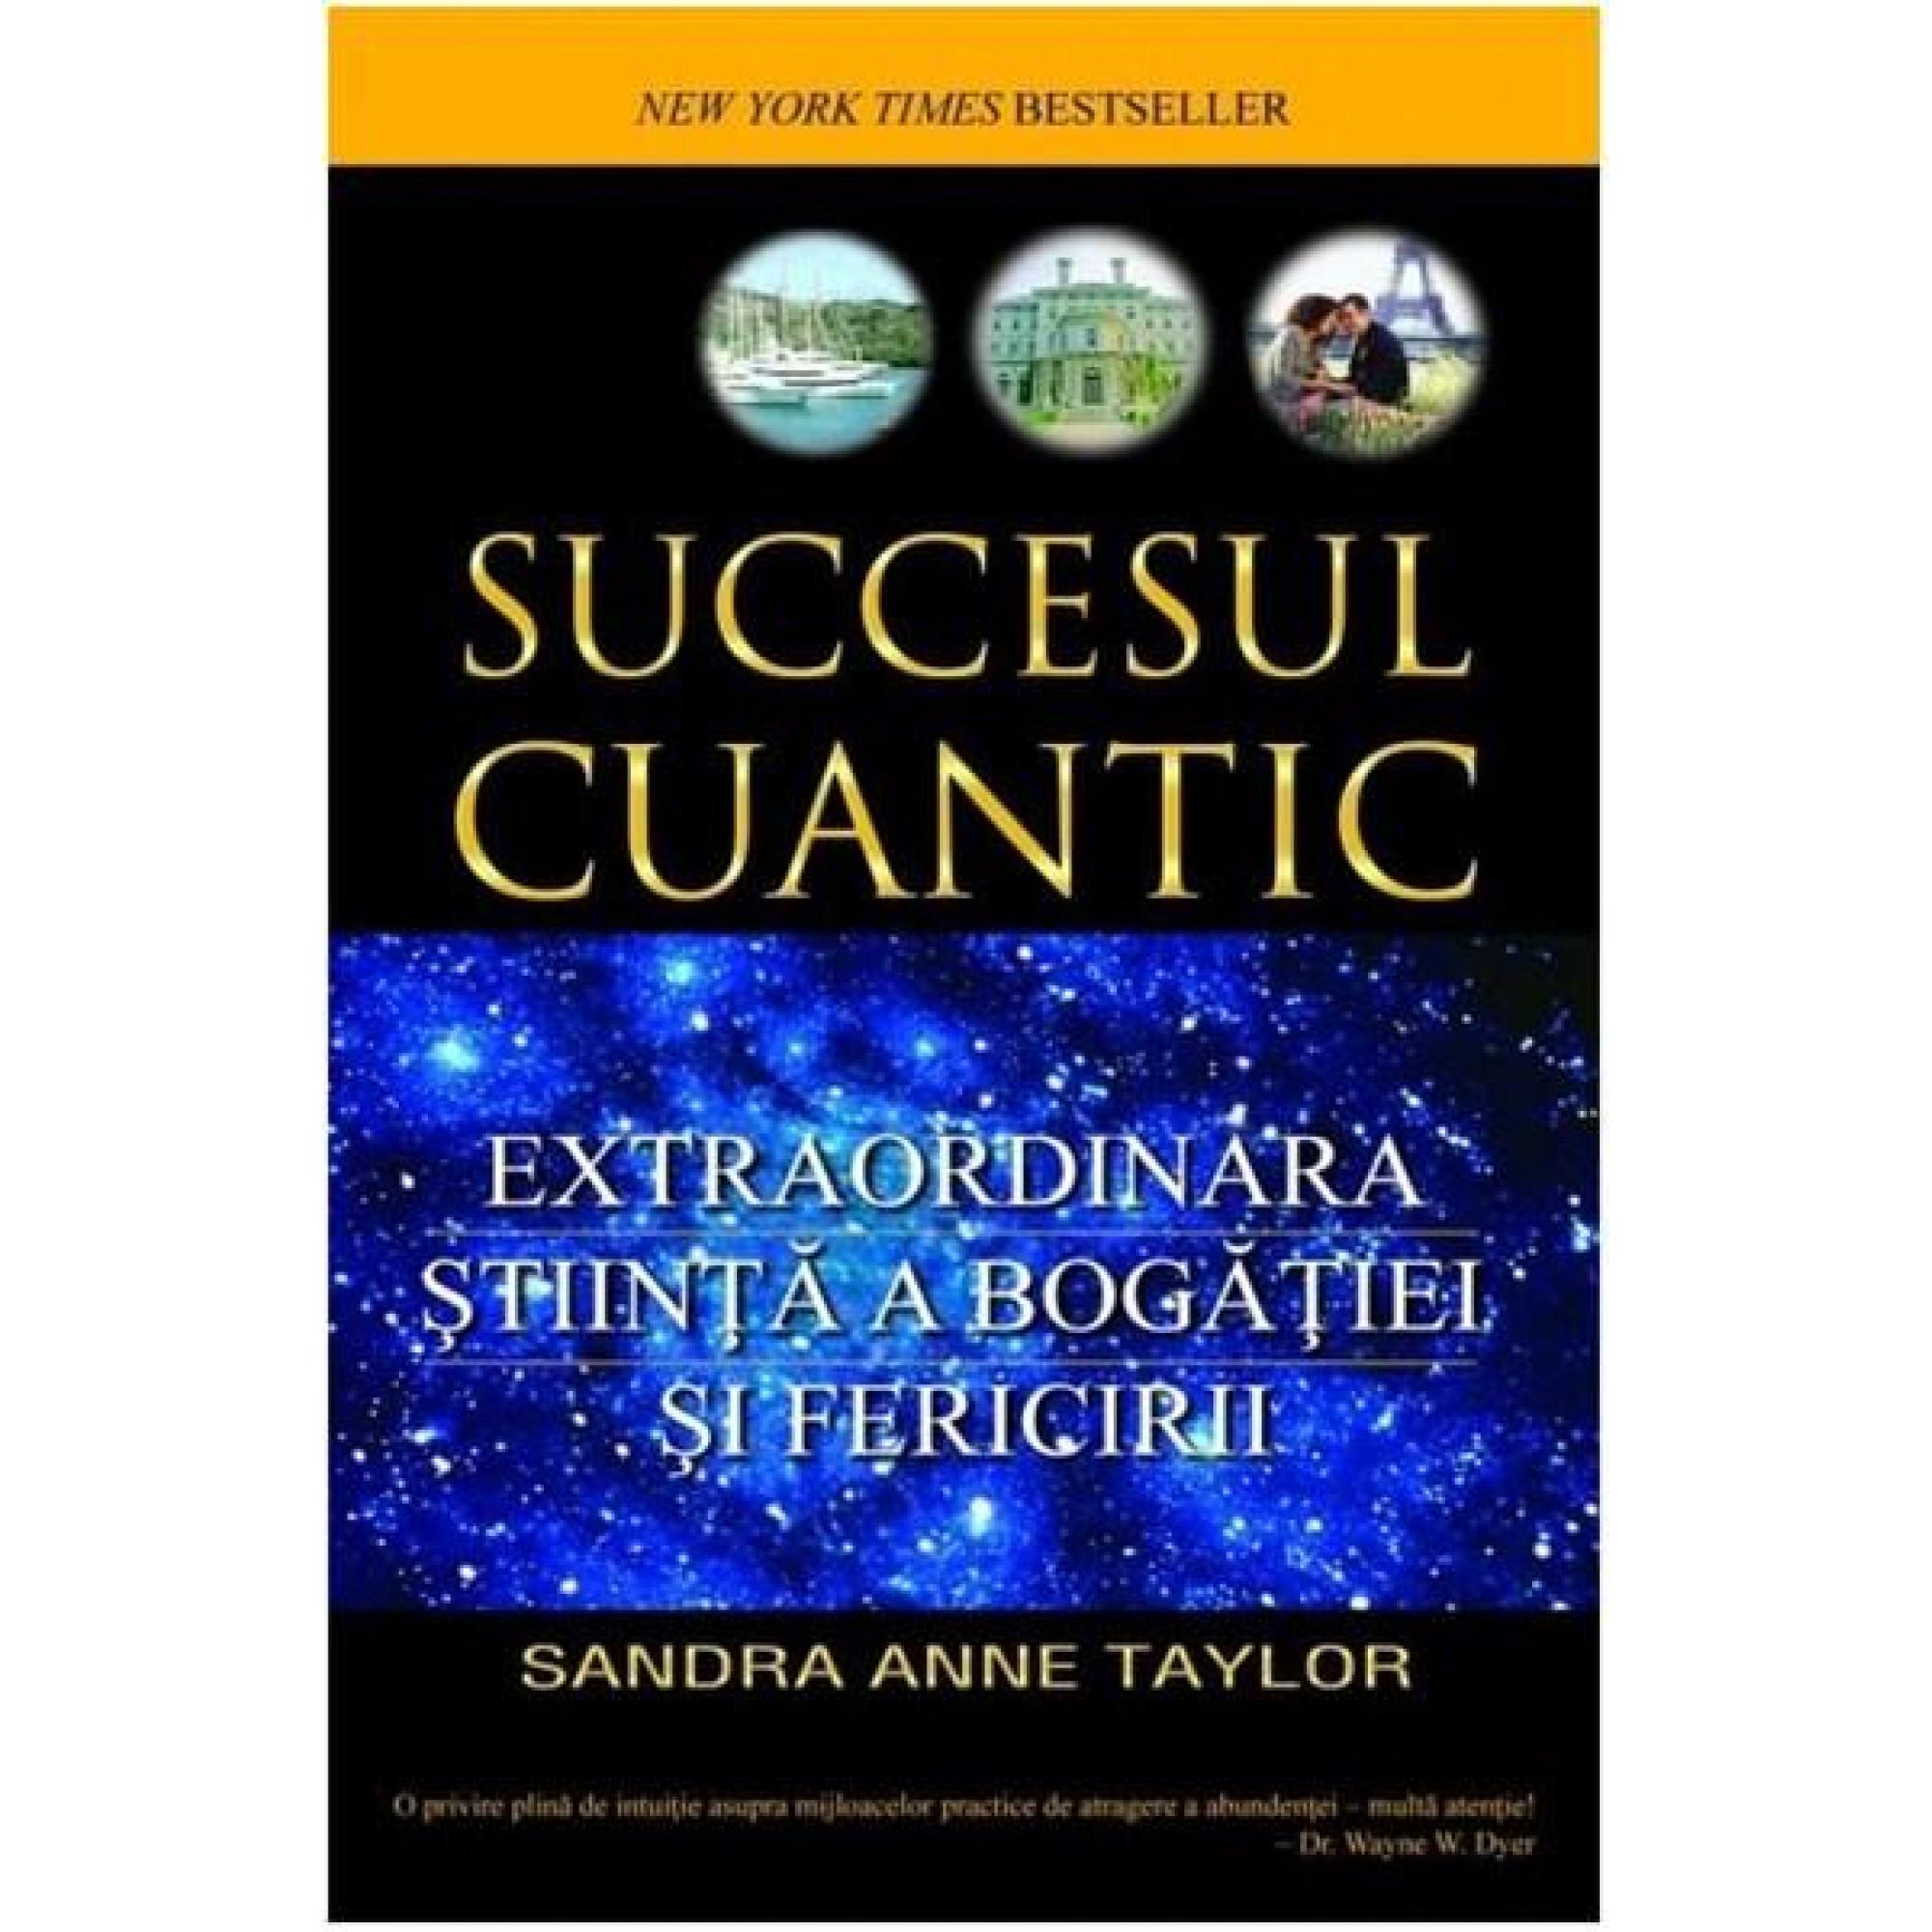 Succesul cuantic. Extraordinara ştiinţă a bogăţiei şi fericirii; Sandra Anne Taylor